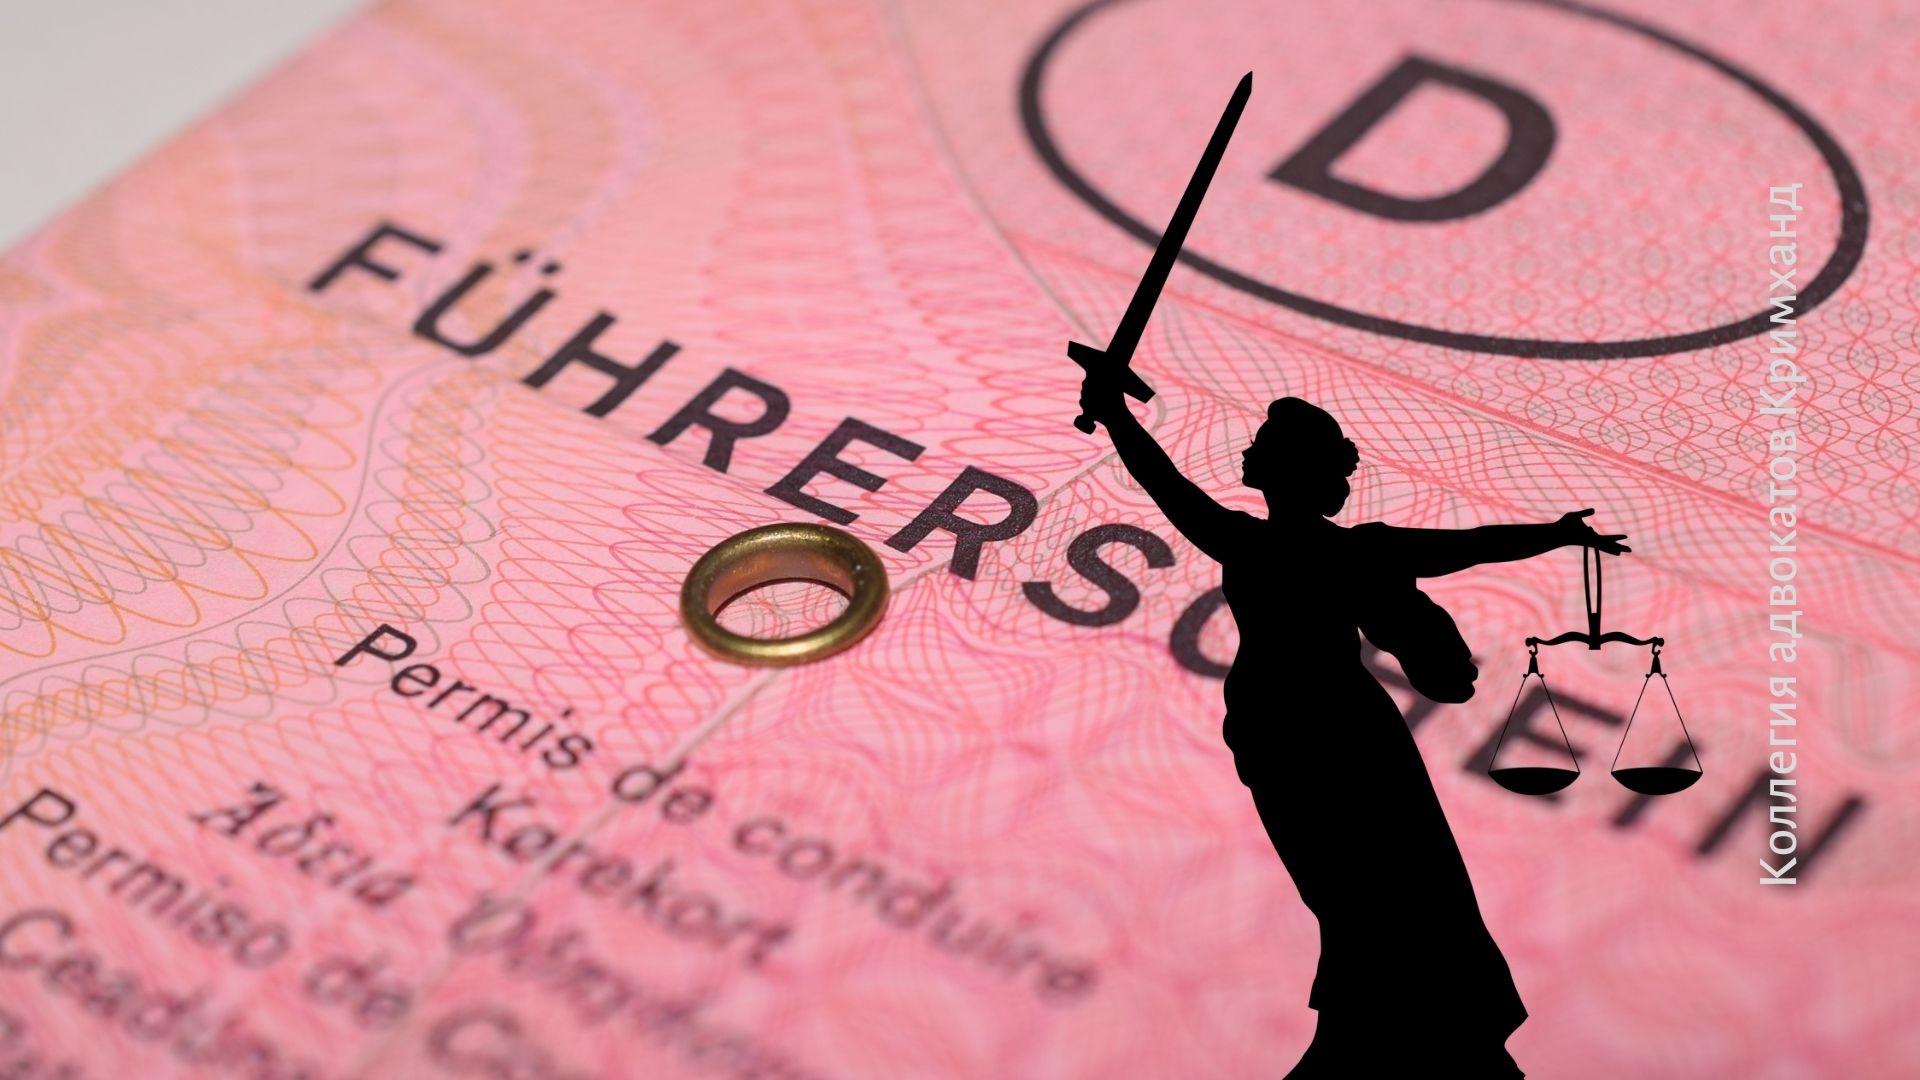 За управление транспортом без прав в Германии предусмотрена уголовная ответственность